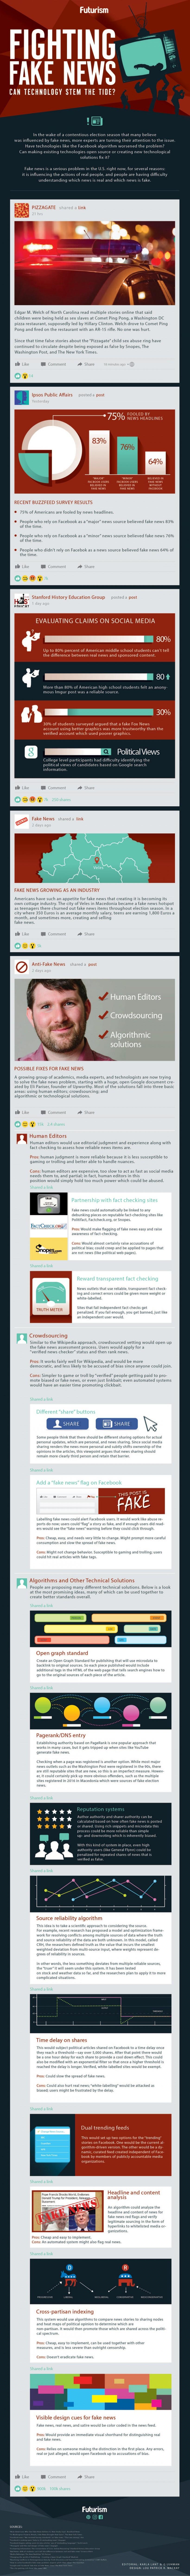 Nostromo, agence de communication, partage une infographie résumant comment lutter contre l'afflux actuel d'actualités douteuses